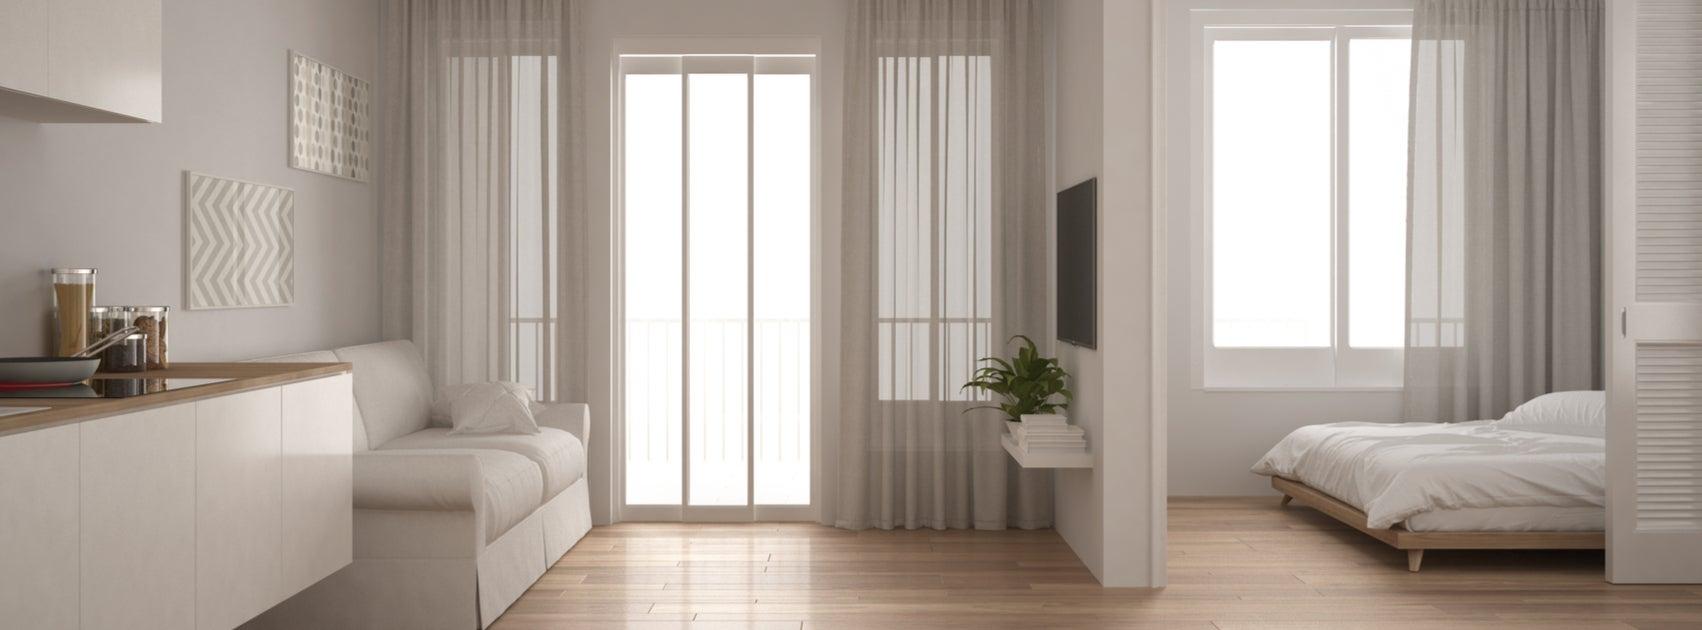 La decoraci n de un piso peque o lo peque o se hace grande - Decoracion pisos pequenos ...